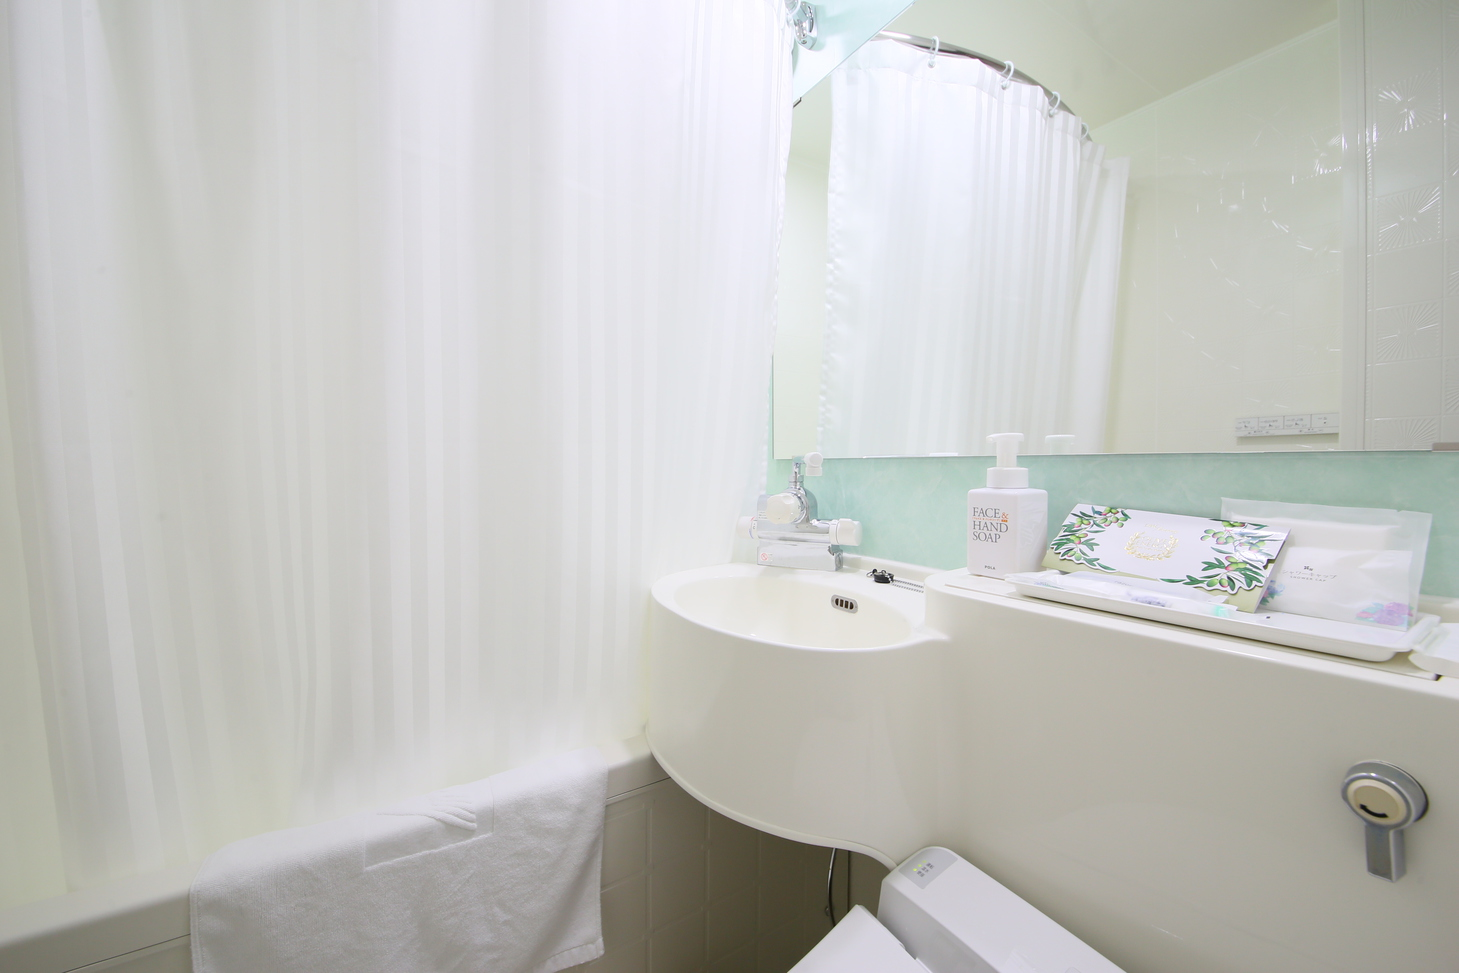 イーストウィング浴室